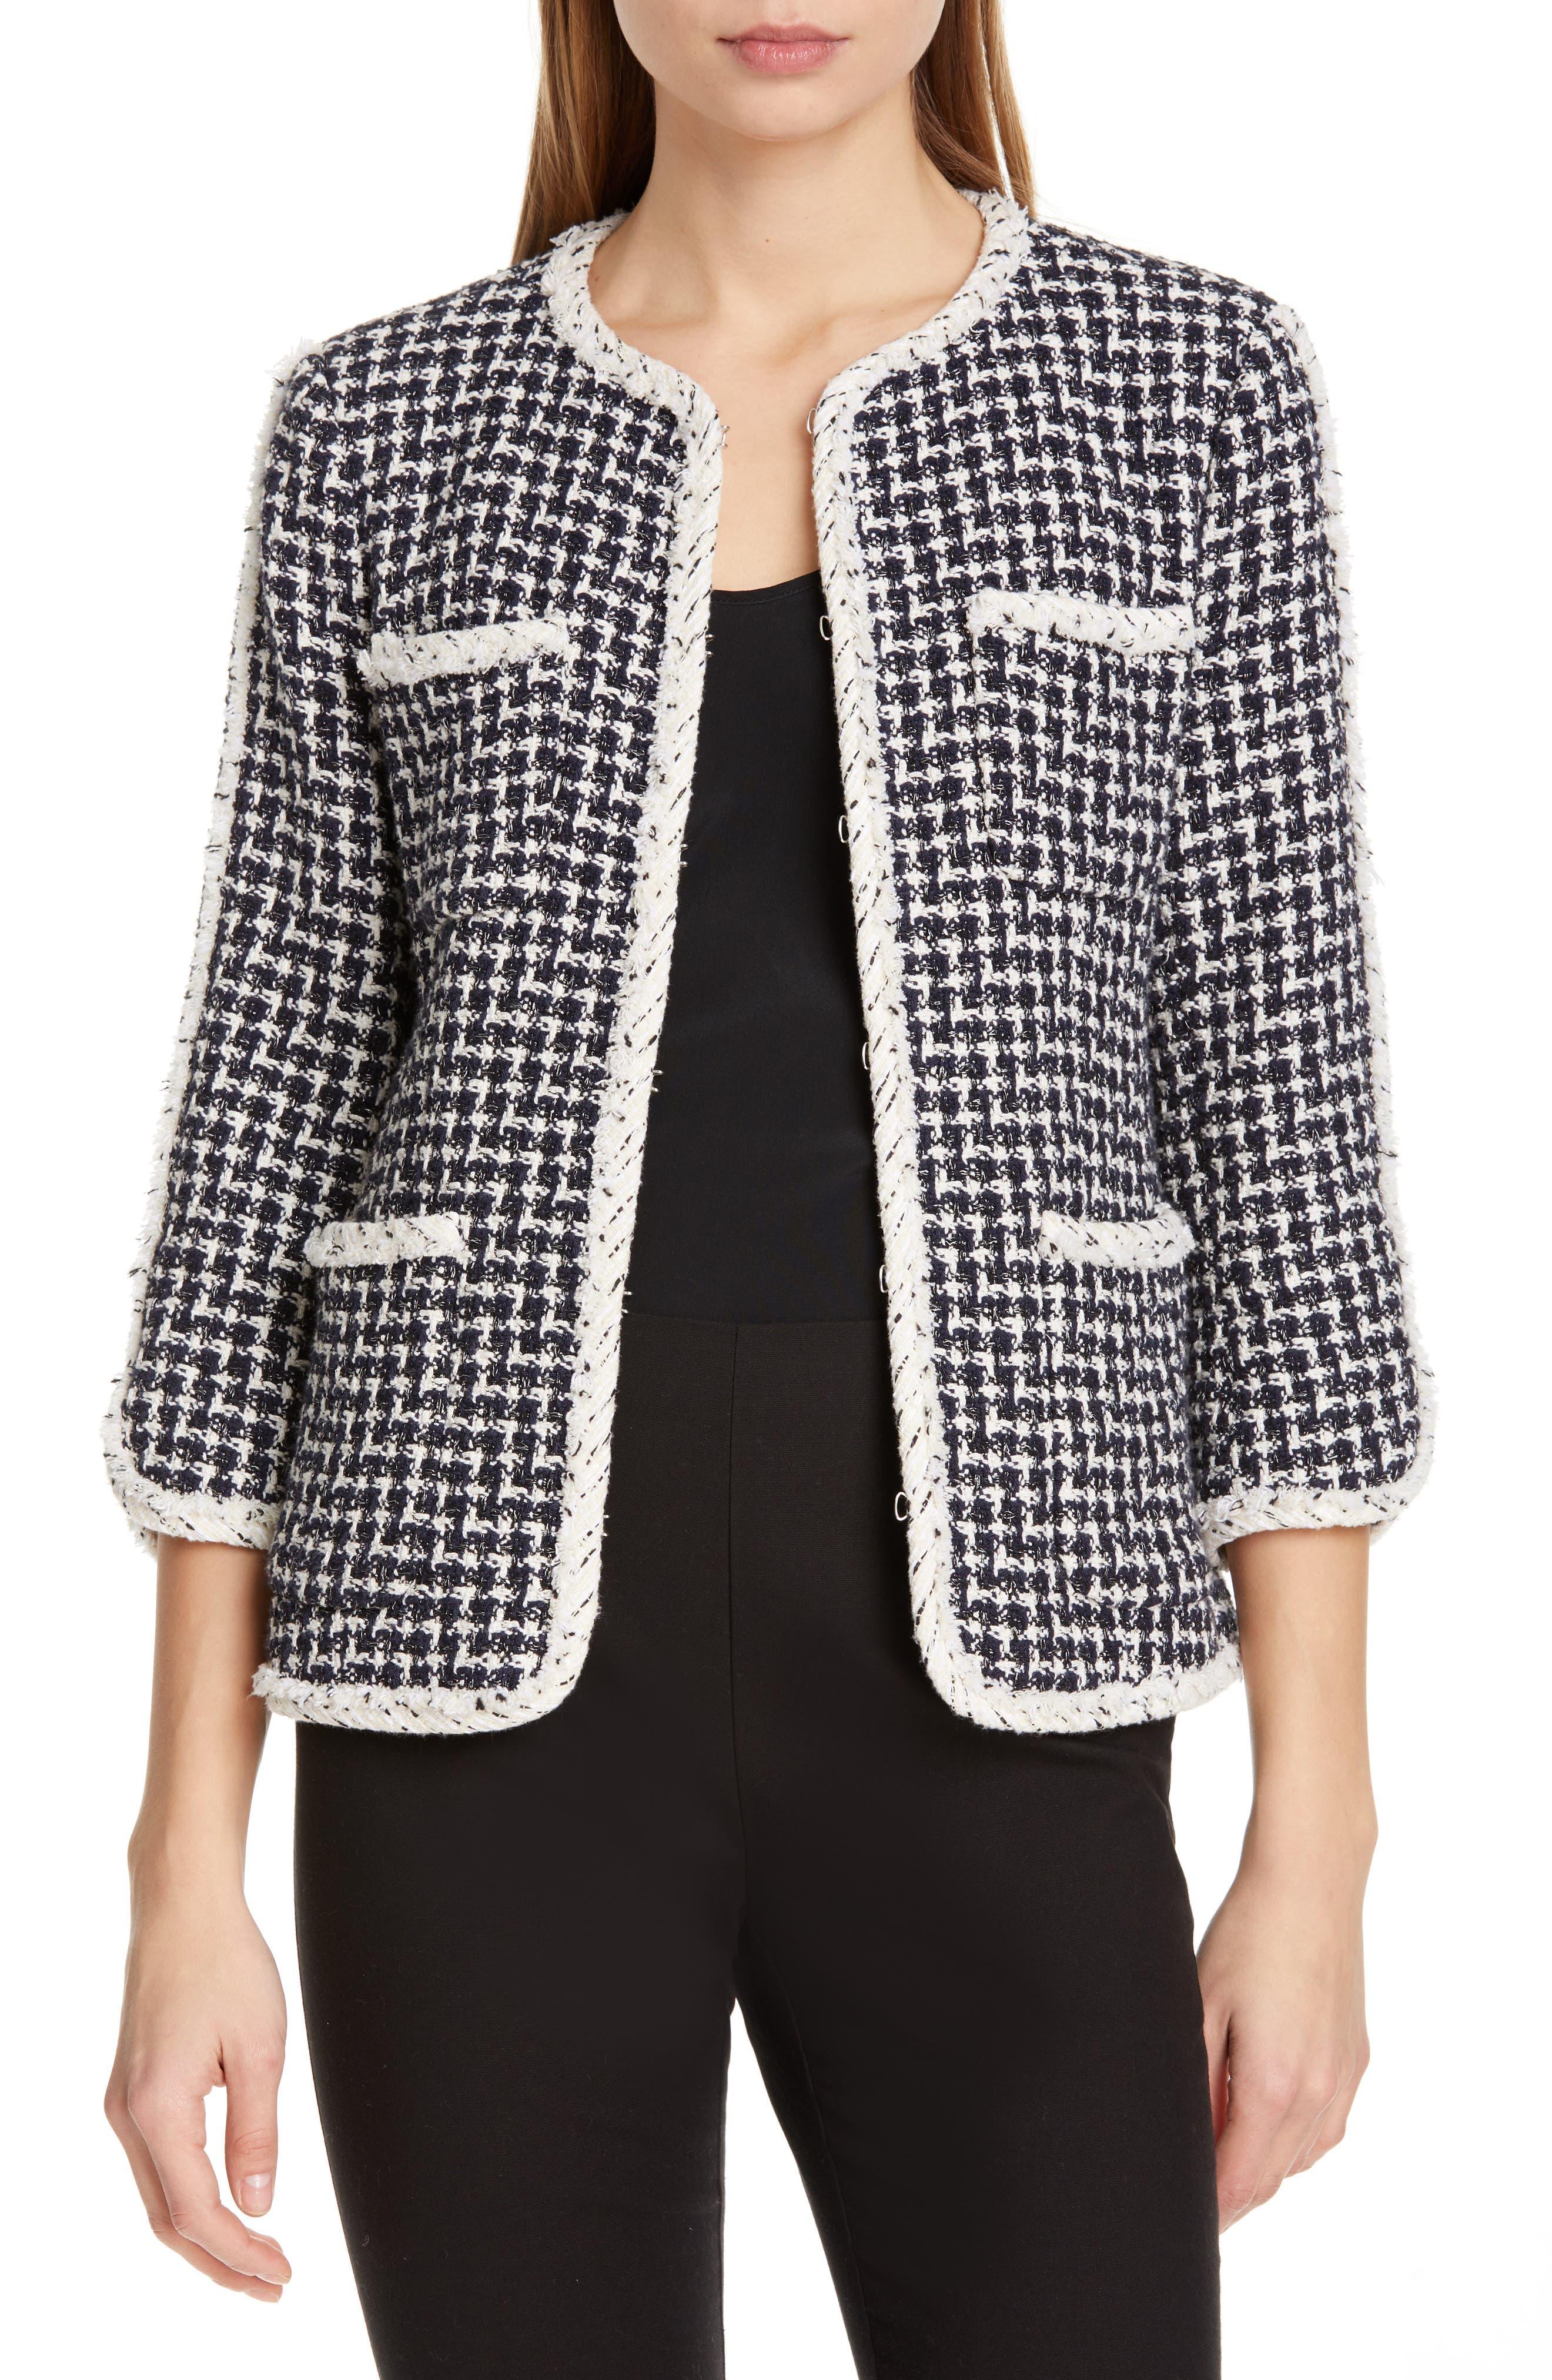 REBECCA TAYLOR, Tweed Jacket, Main thumbnail 1, color, BLACK COMBO